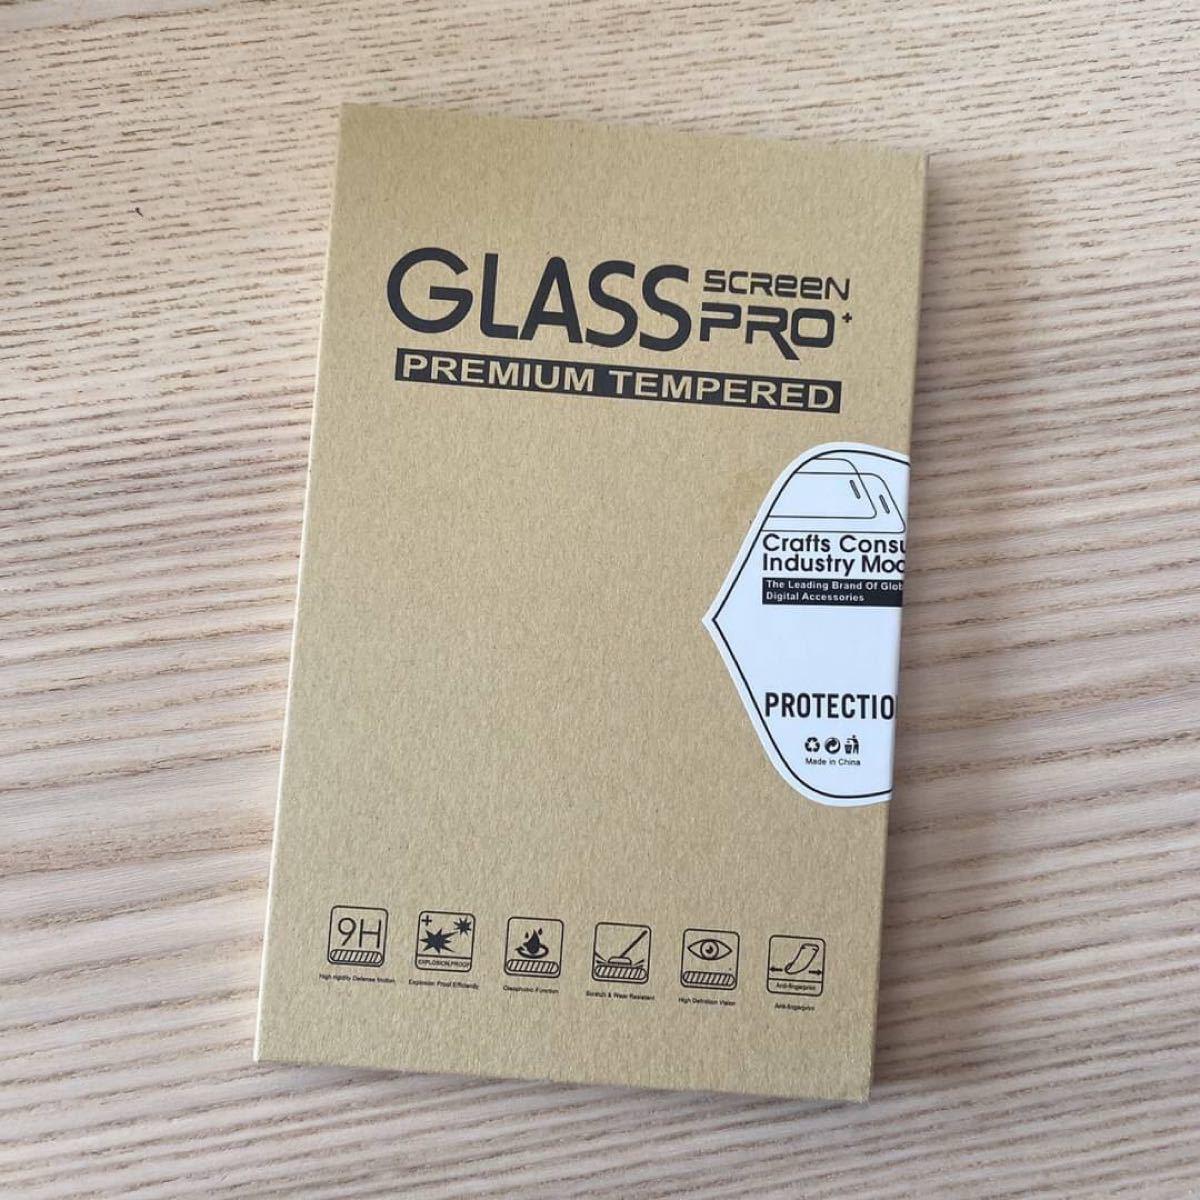 Nintendo Switch 任天堂スイッチ ニンテンドースイッチ 保護フィルム ガラスフィルム 防水加工 新品未使用 送料無料